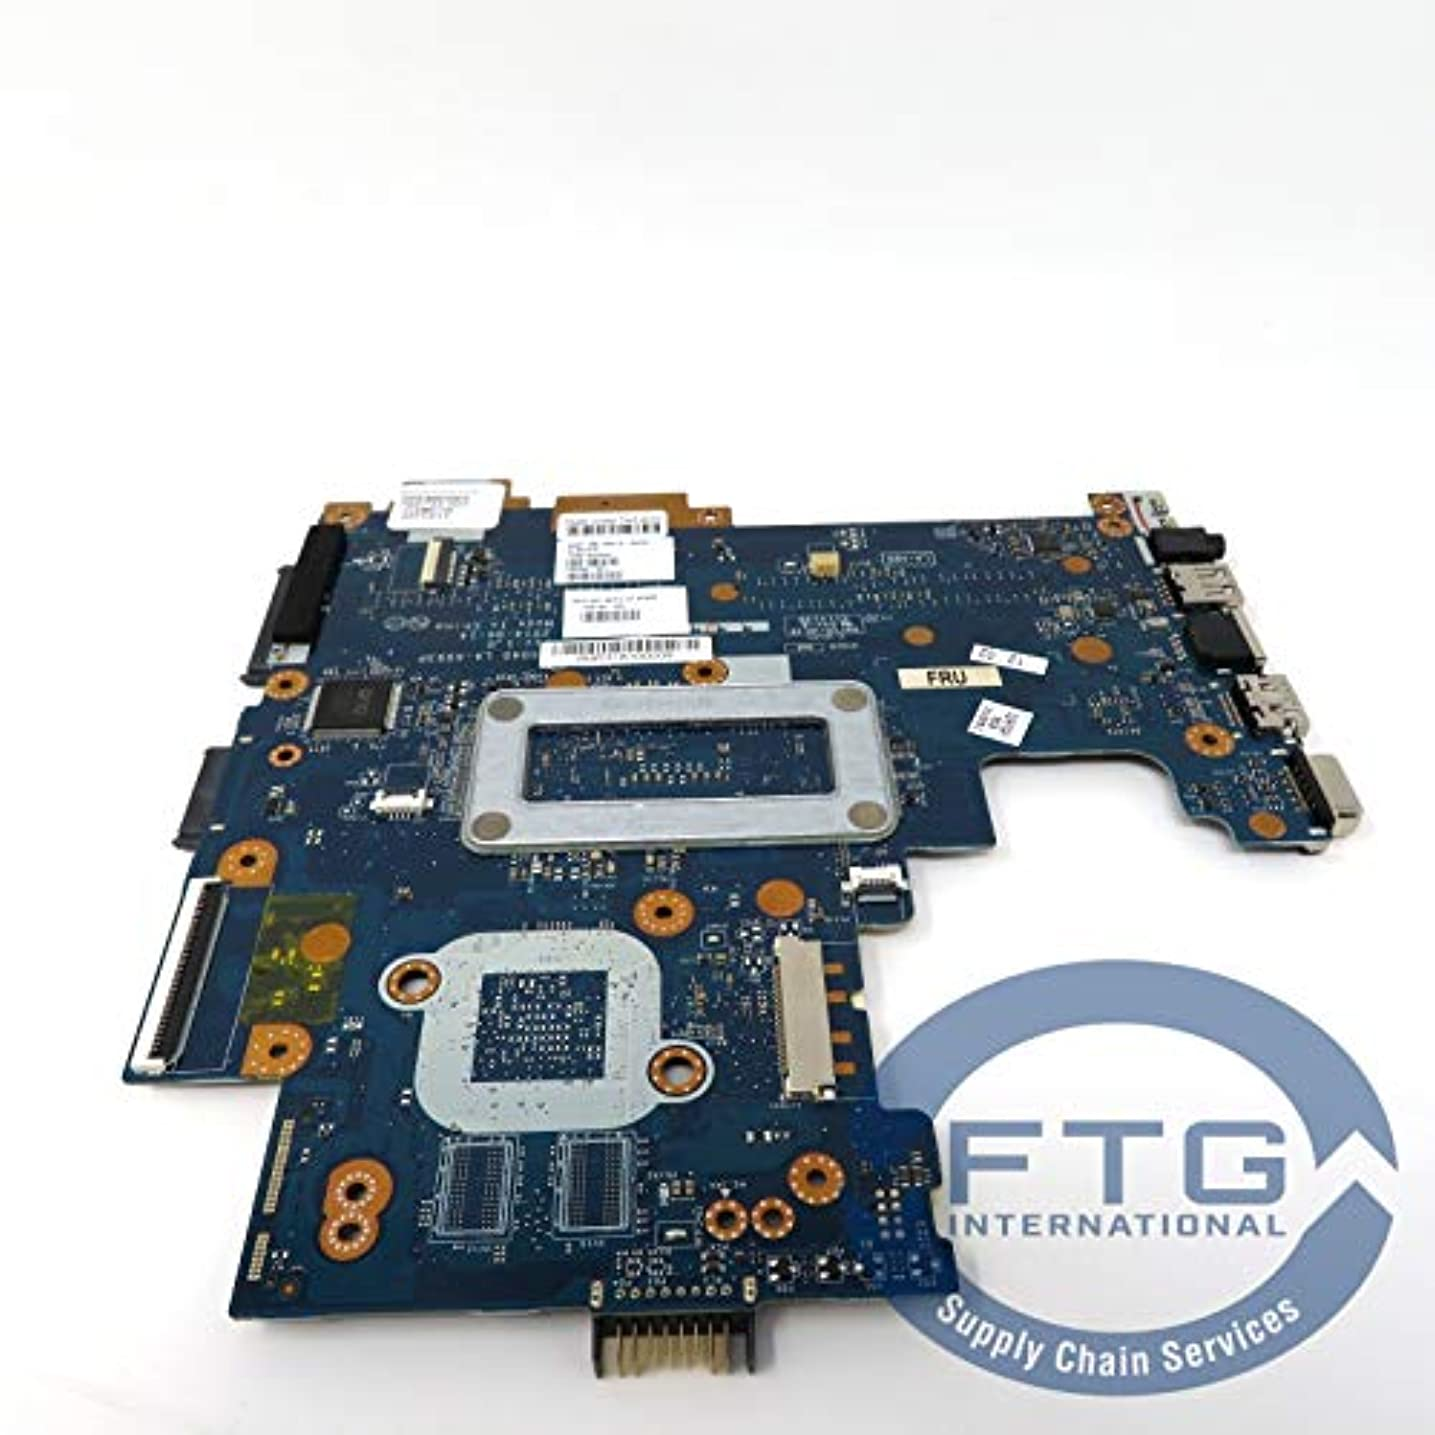 にはまってかろうじてフレアFTG International 794733-501/795782-501 - MX マザーボード (システムボード) - UMA i3-4005U GLAN STD